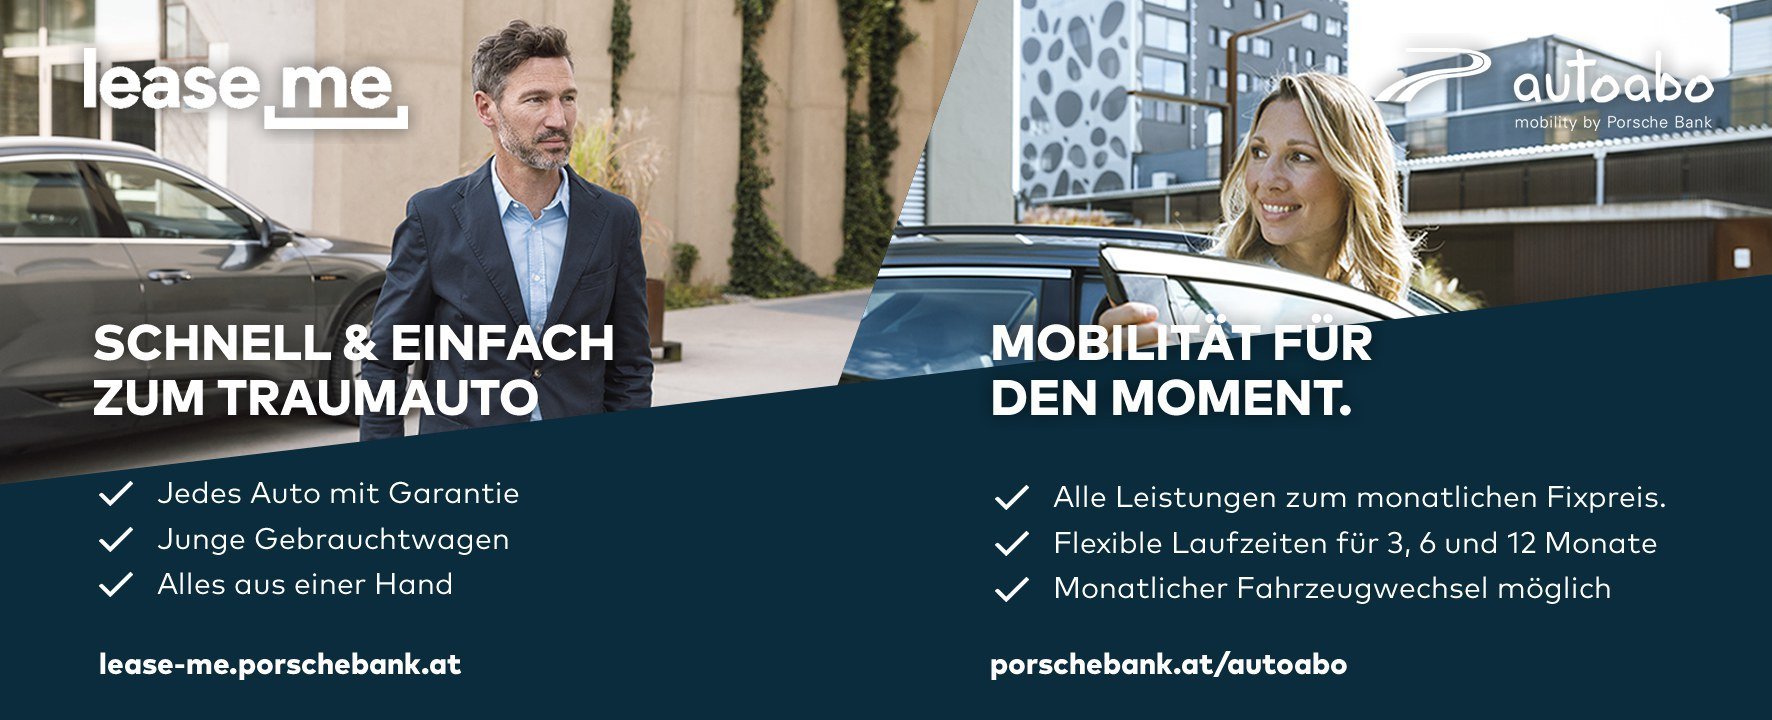 """Image of Maßgeschneiderte Finanzierungslösungen für die """"Mobilität von morgen"""" – Porsche Bank."""